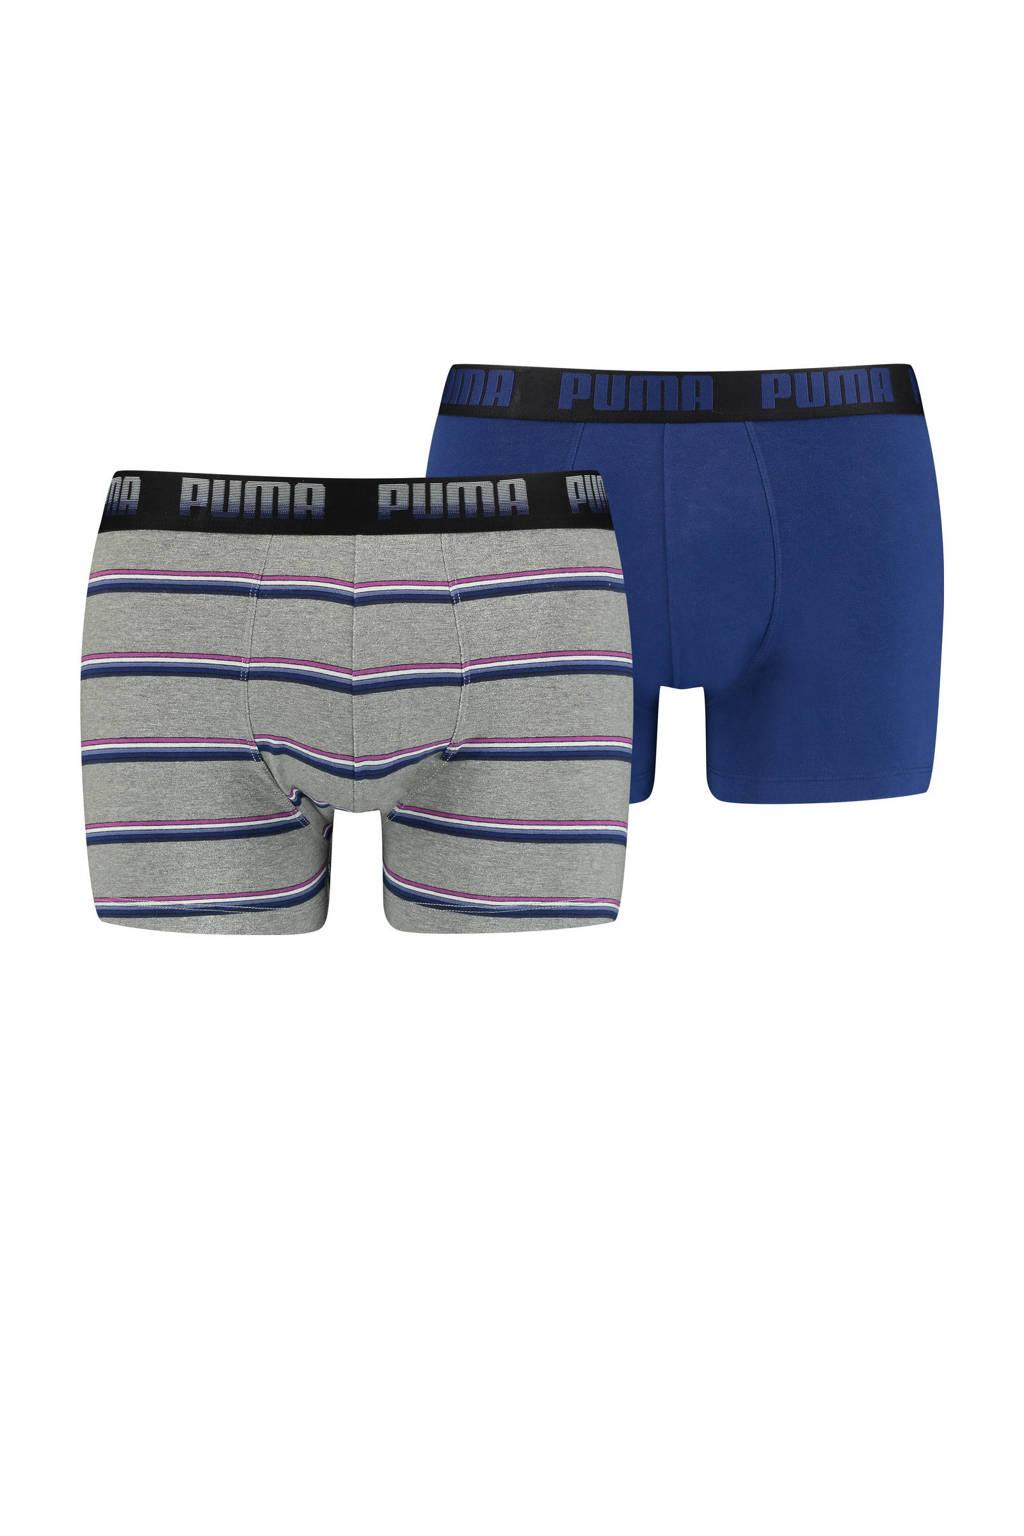 Puma boxershort (set van 2), Grijs/blauw